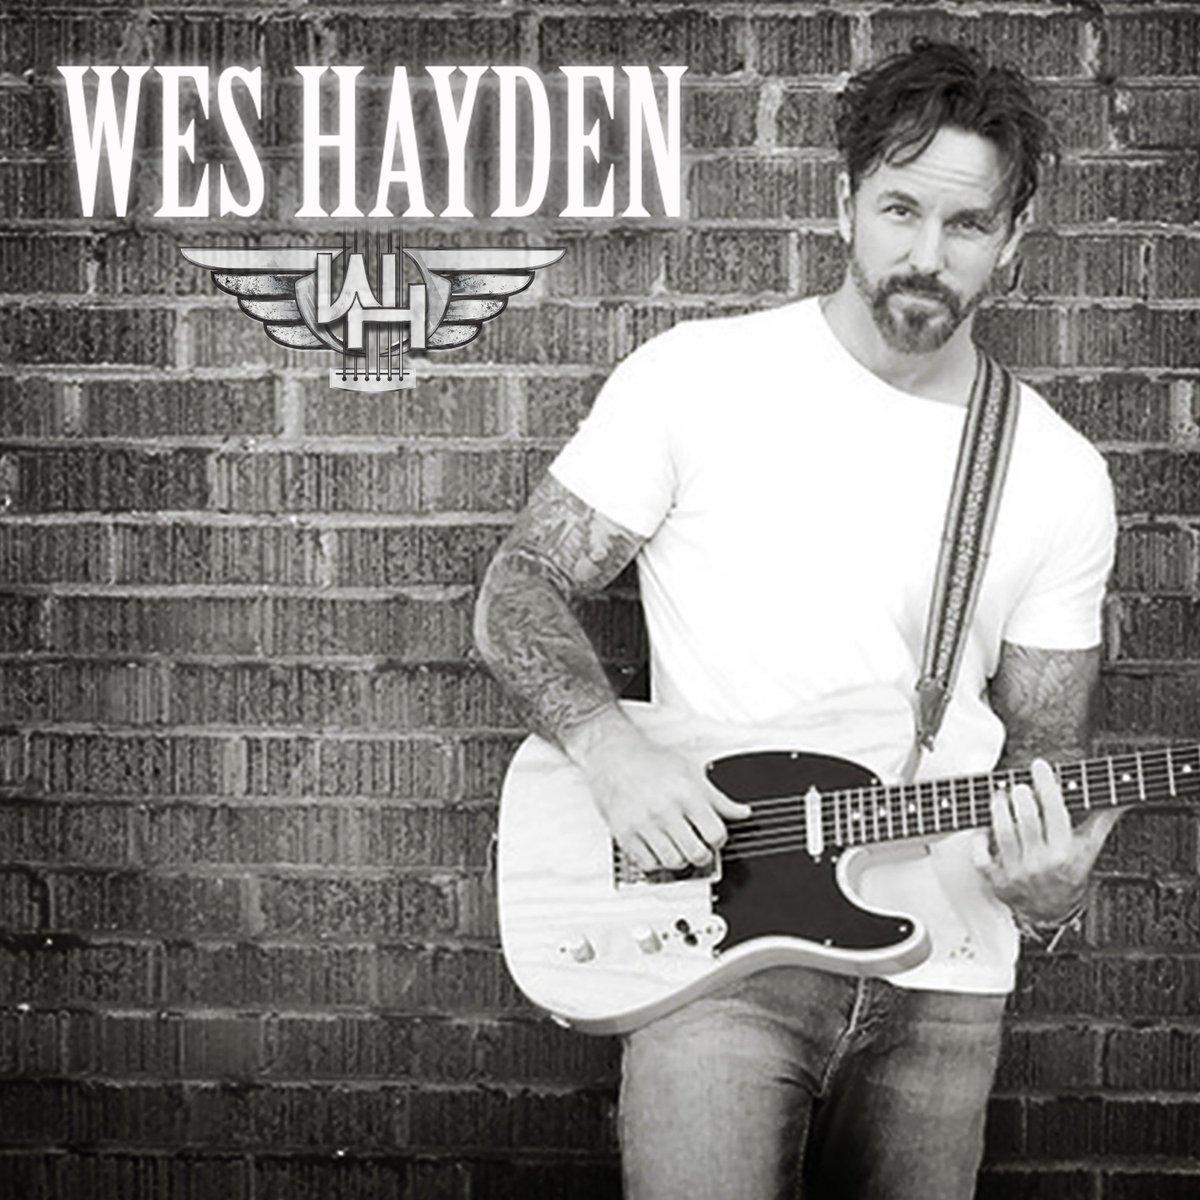 Wes hayden dating